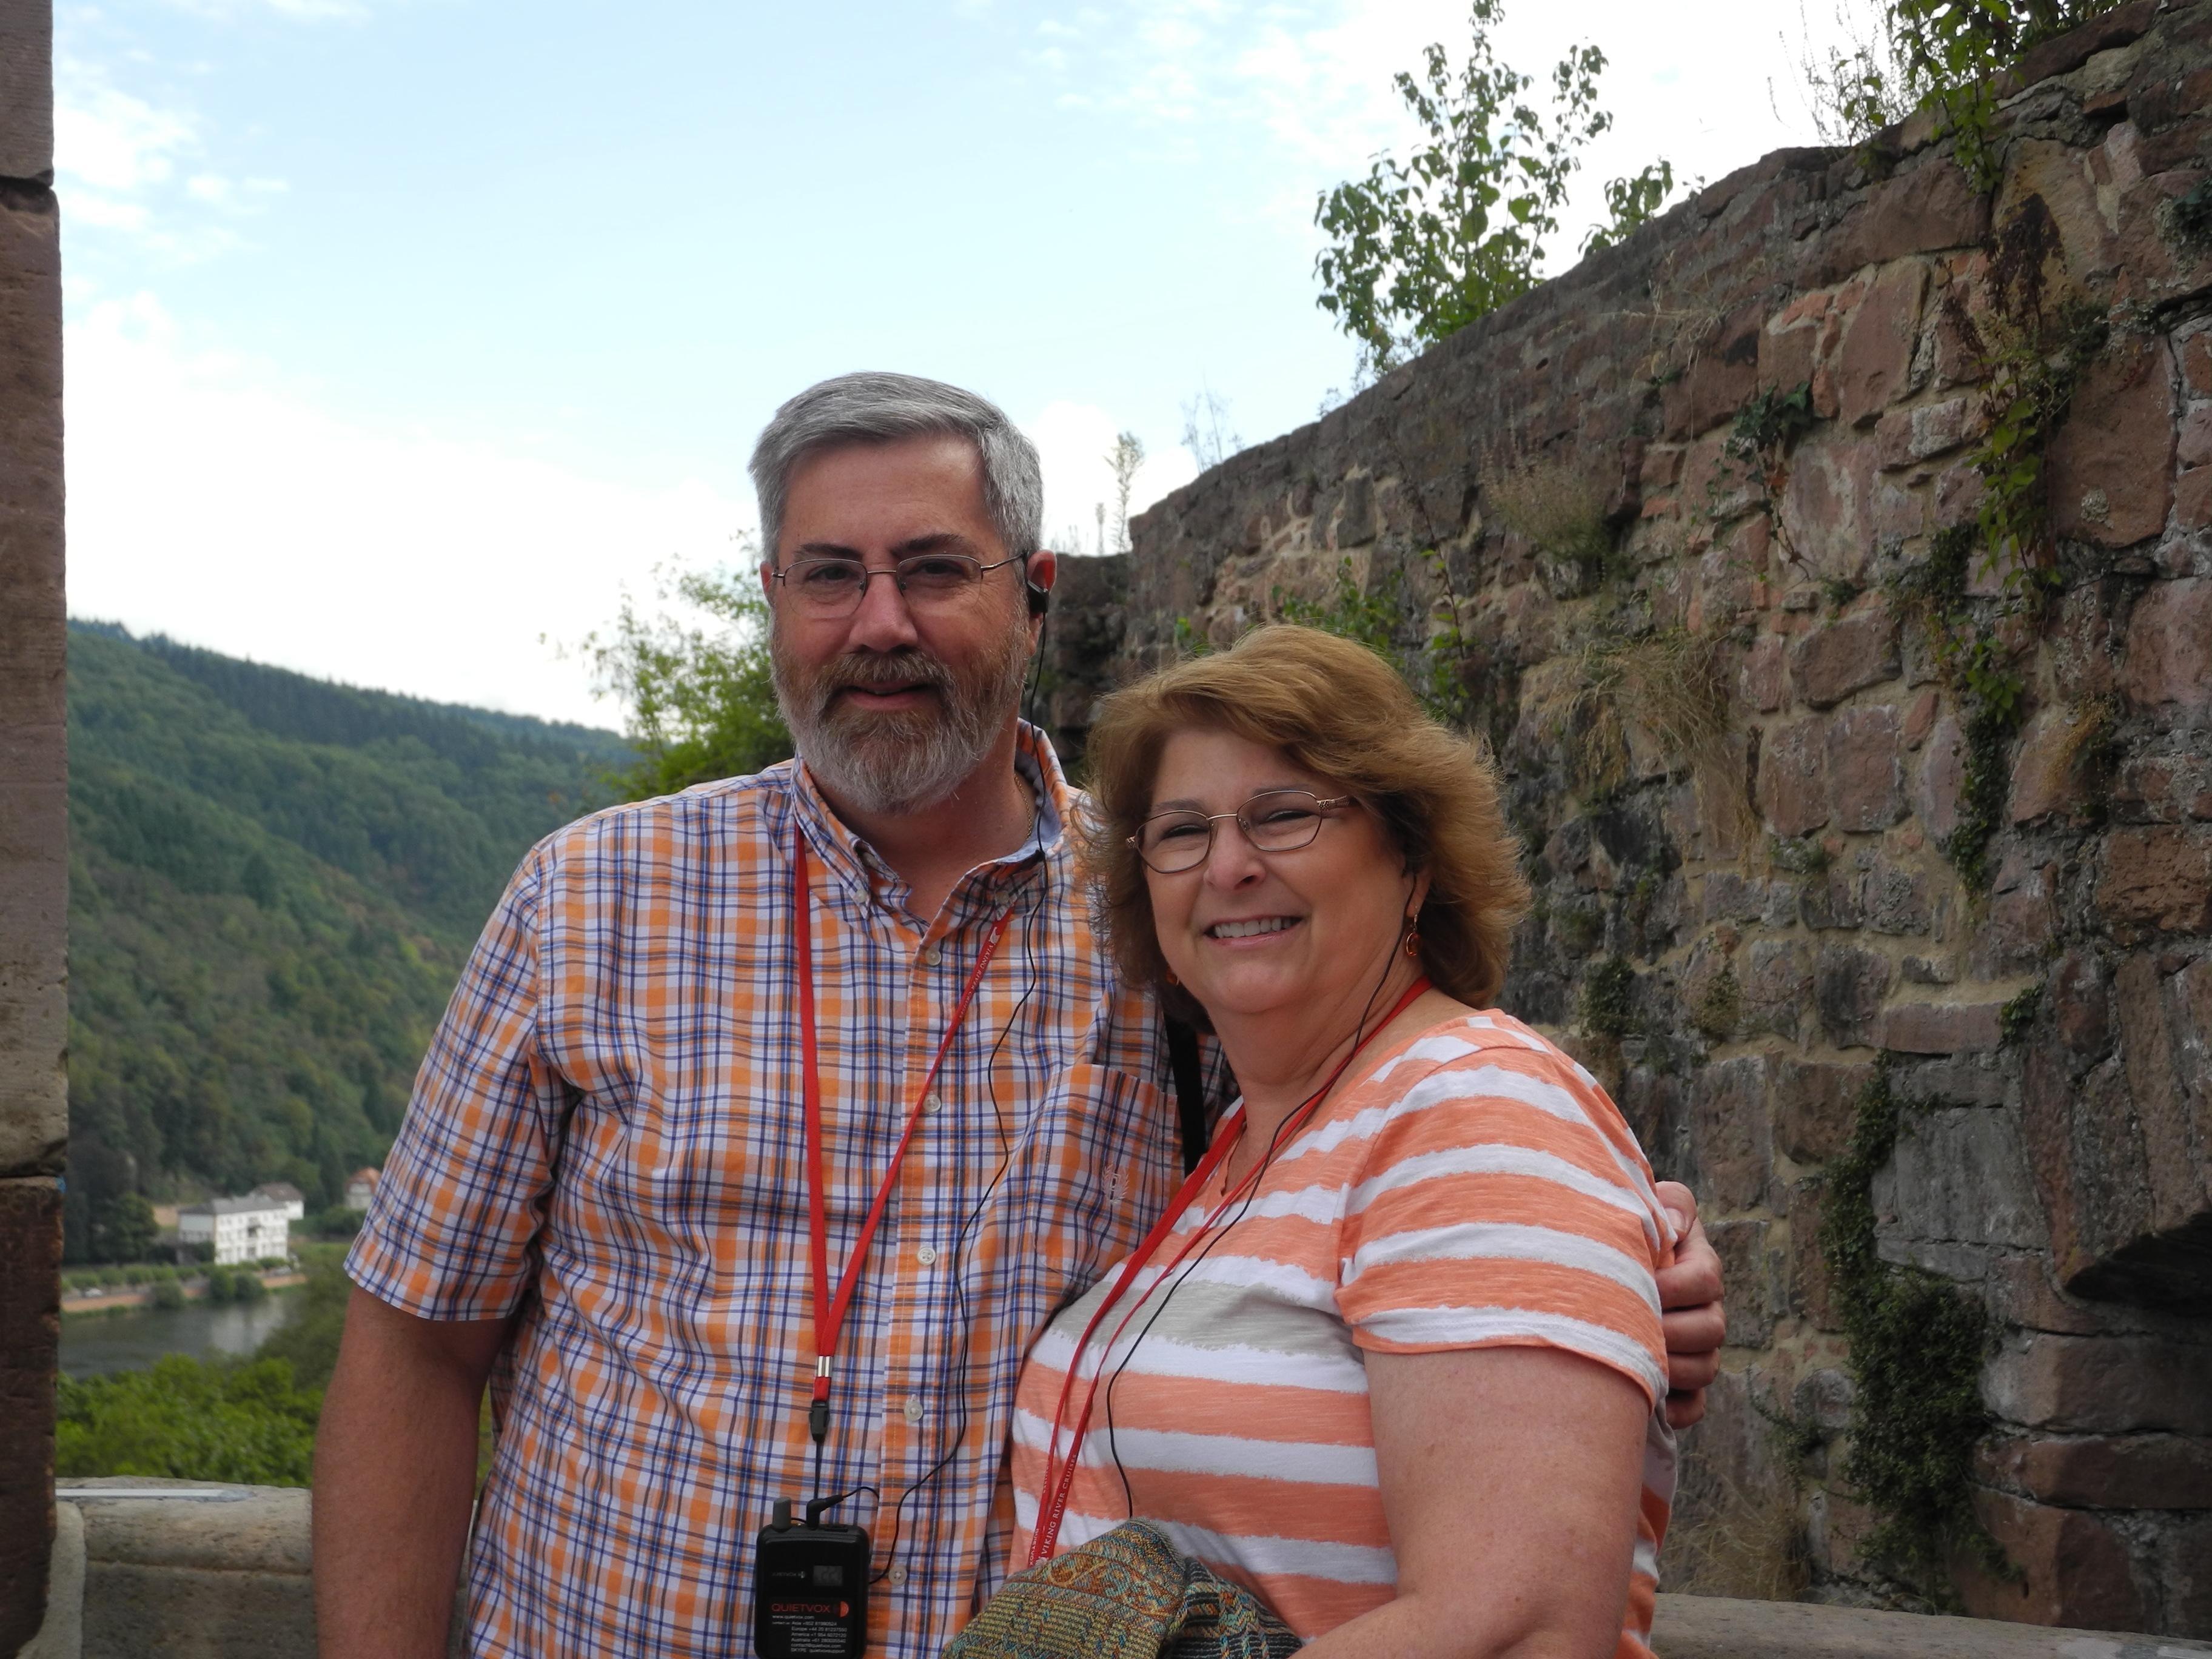 John & Melanie S.